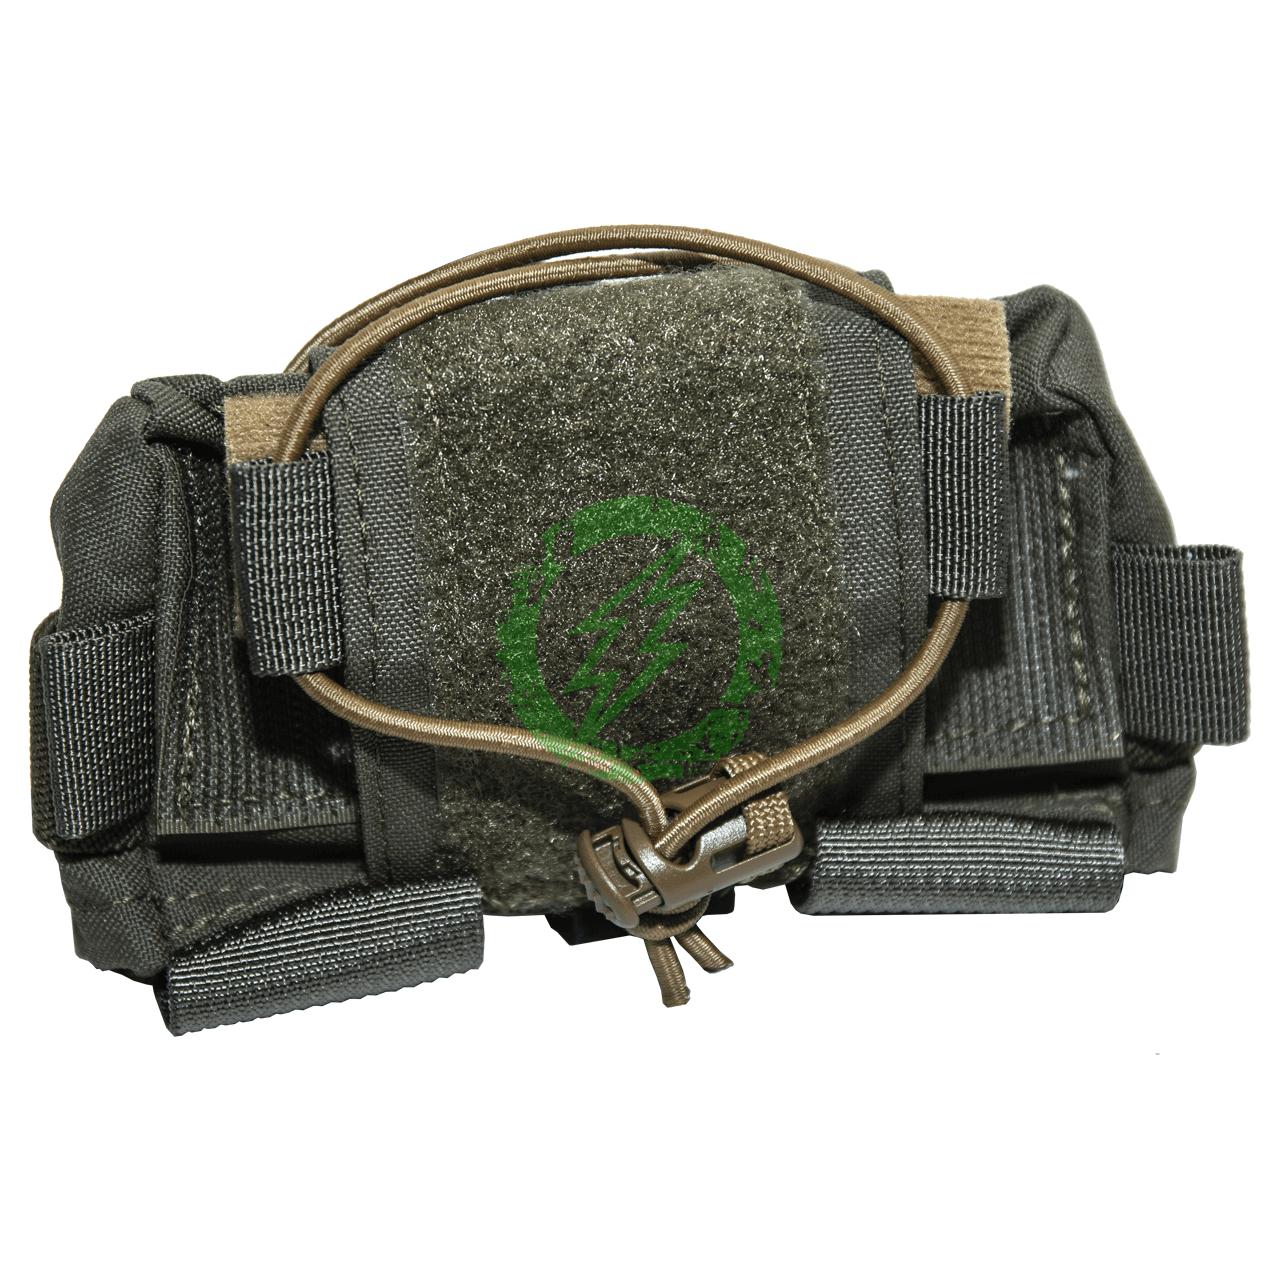 TNVC Mohawk Helmet Counterweight System MK2 Gen 2 Ranger Green